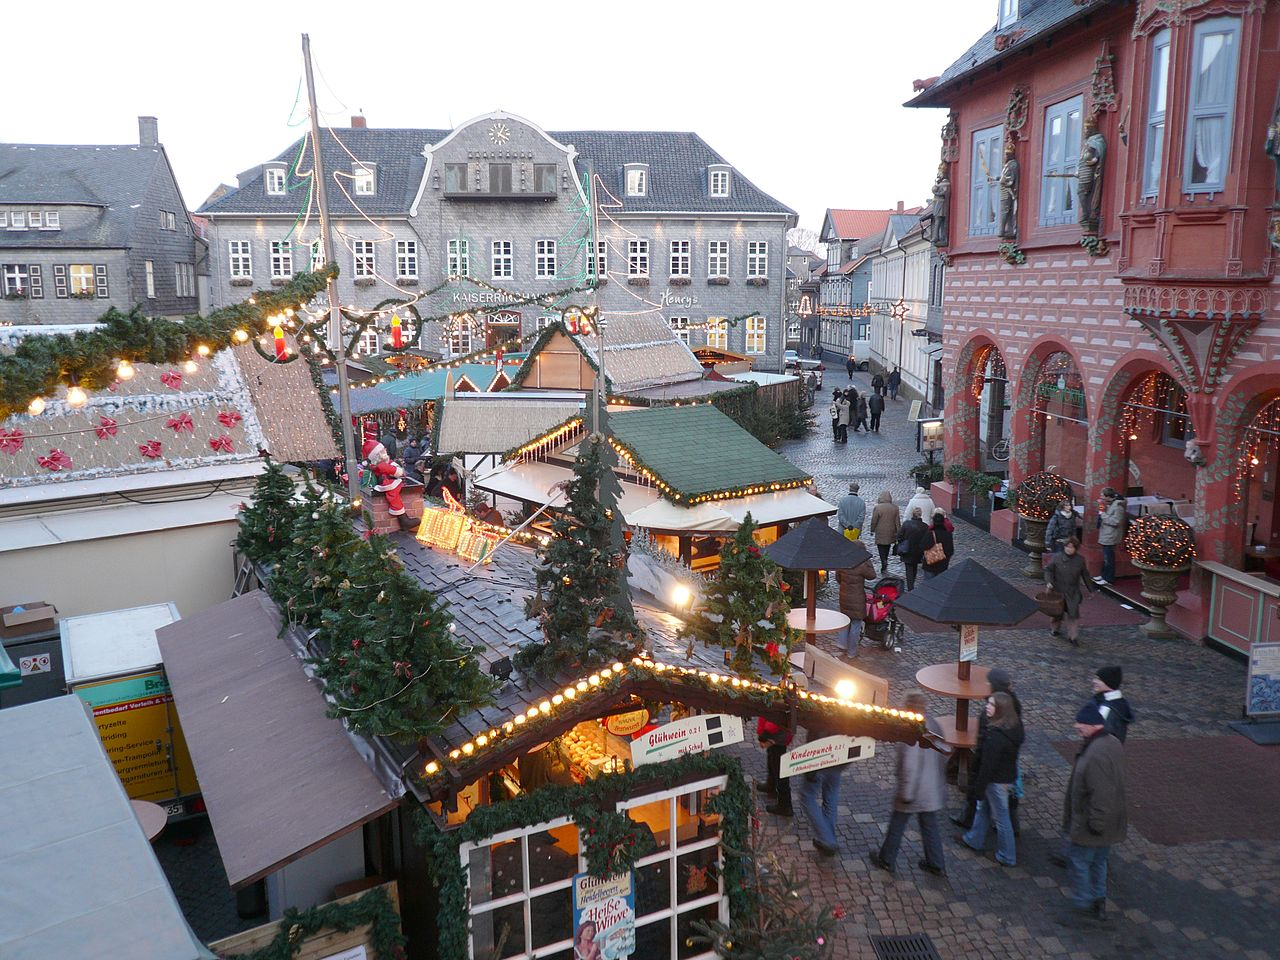 Гослар, Германия: интересные достопримечательности, чем заняться во время путешествия и где поесть, советы для туристов